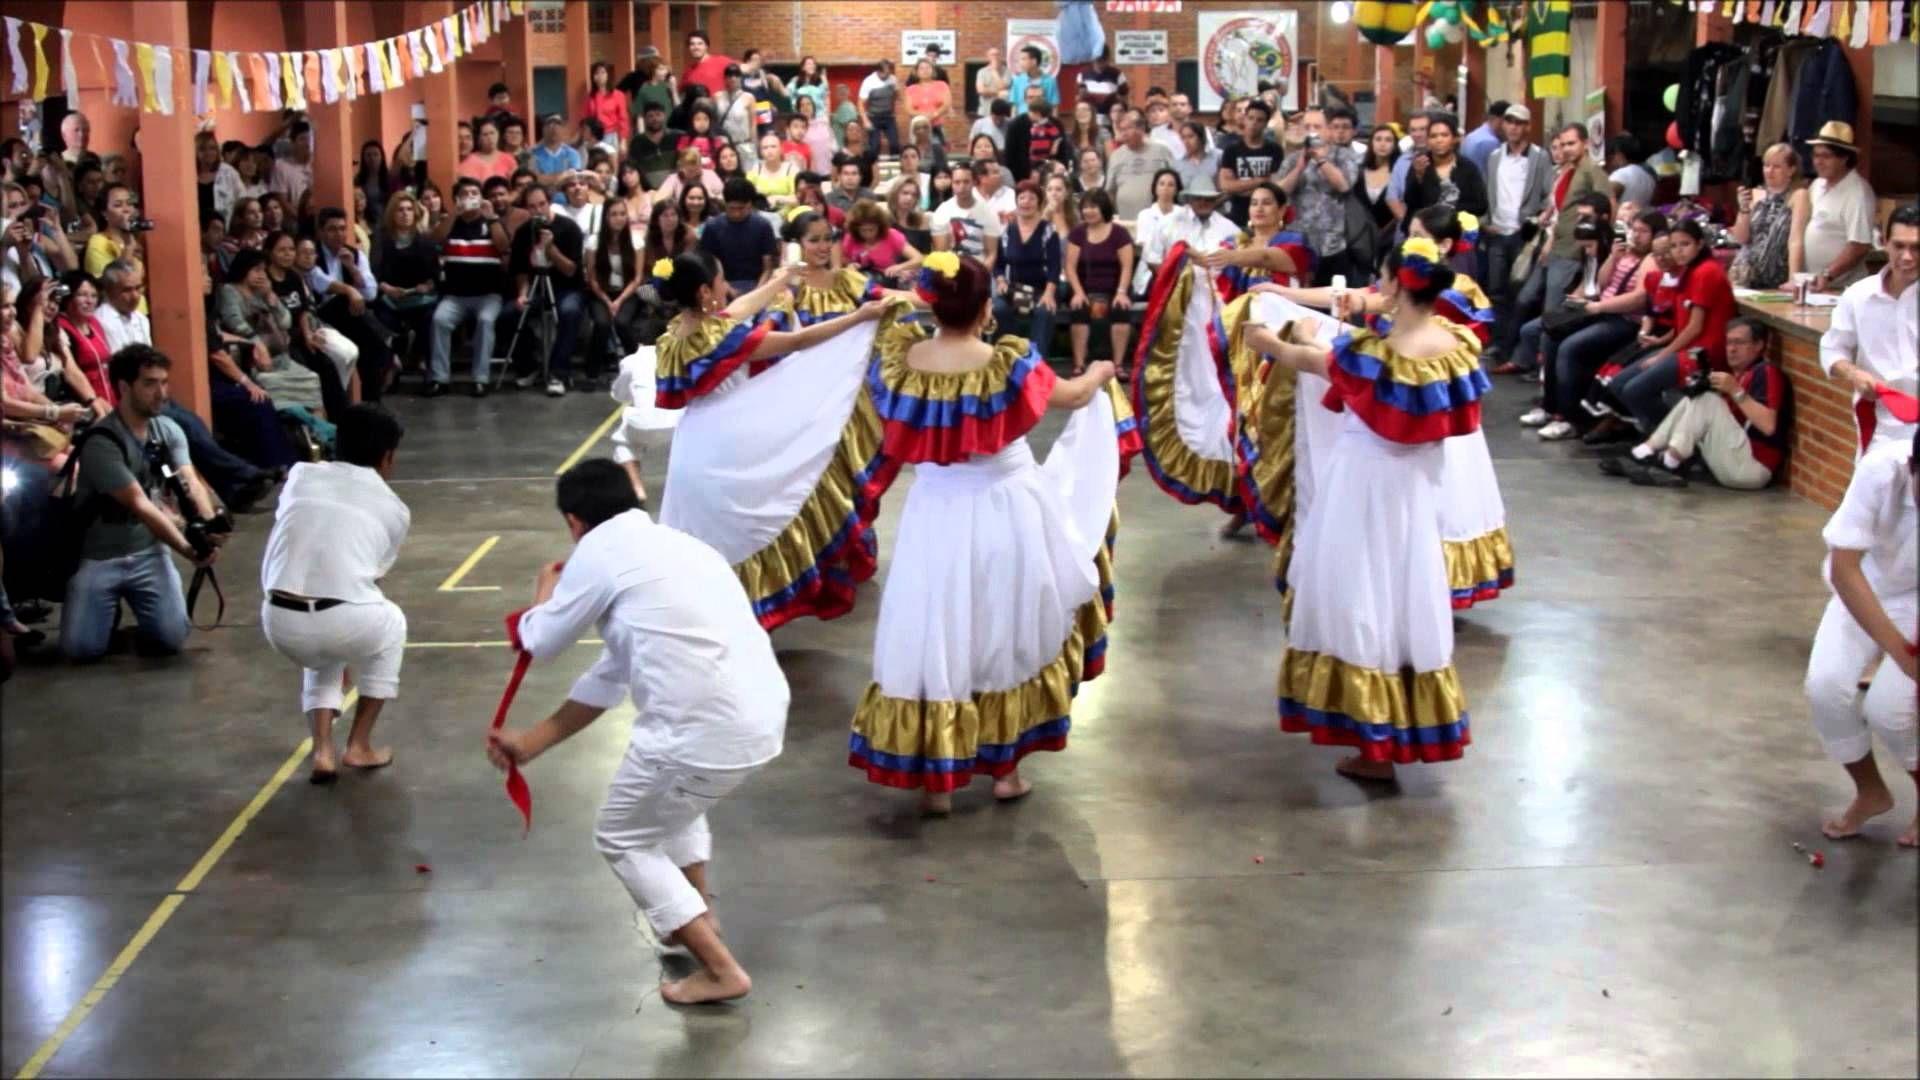 Danza Cumbia colombiana Folclore Latino Integracion Festa